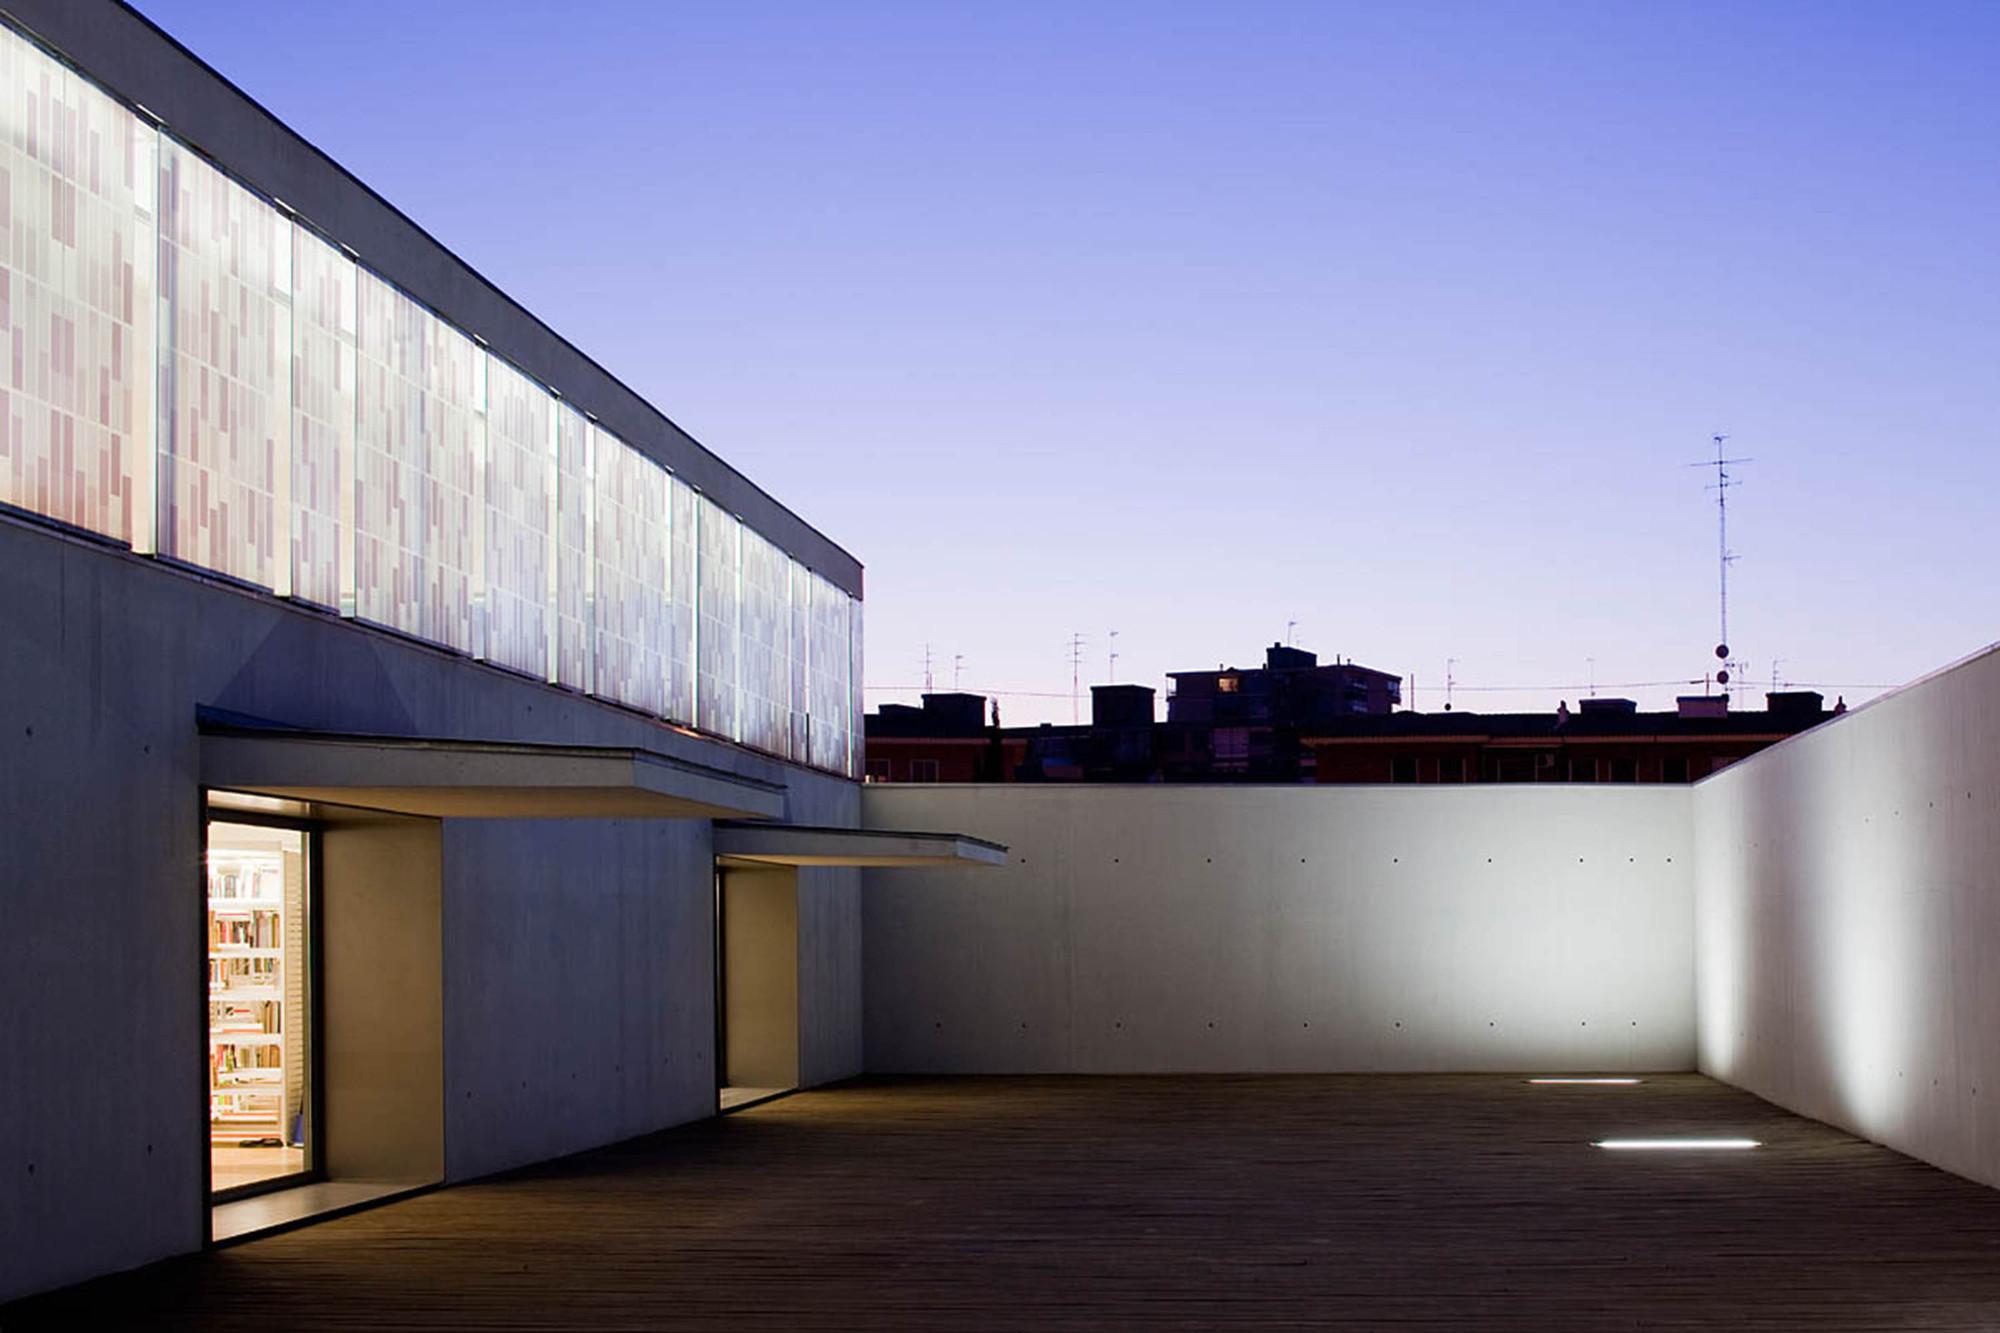 Biblioteca Angel Gonzalez / Carlos de Riaño Lozano, © Miguel de Guzmán